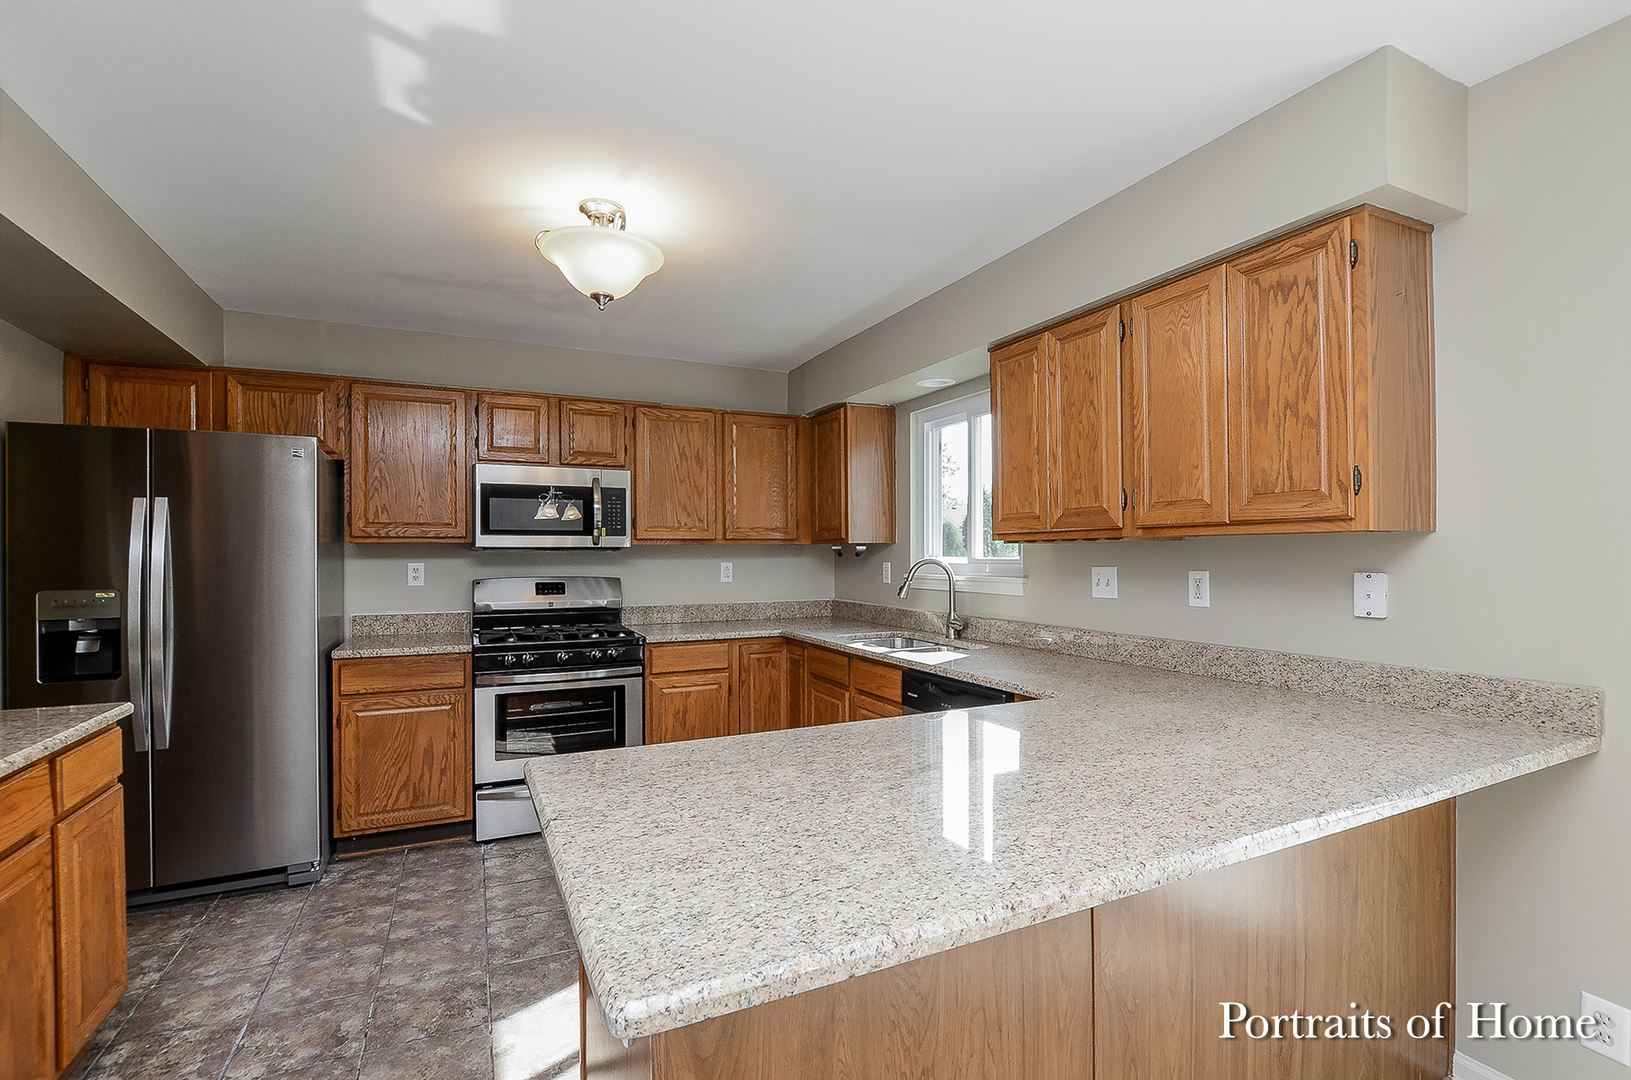 Photo of 13840 S Petersburg Drive, Plainfield, IL 60544 (MLS # 11059500)